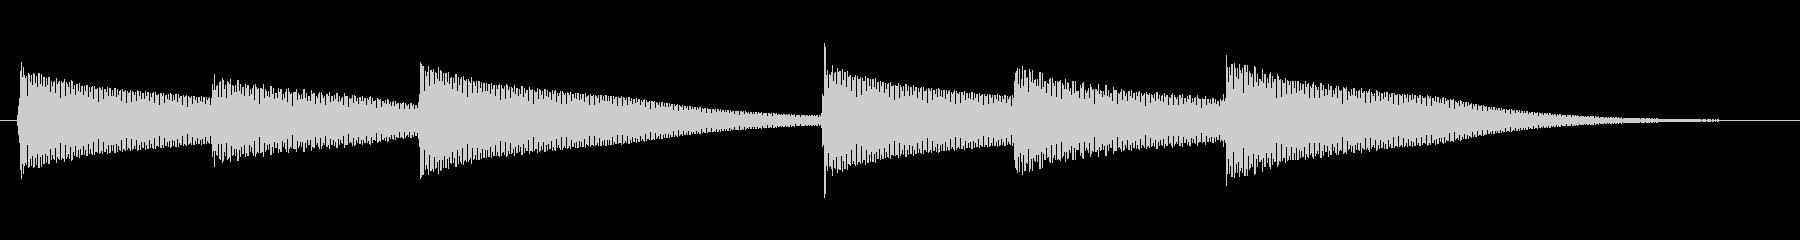 コンガ、ショートロール1、低の未再生の波形